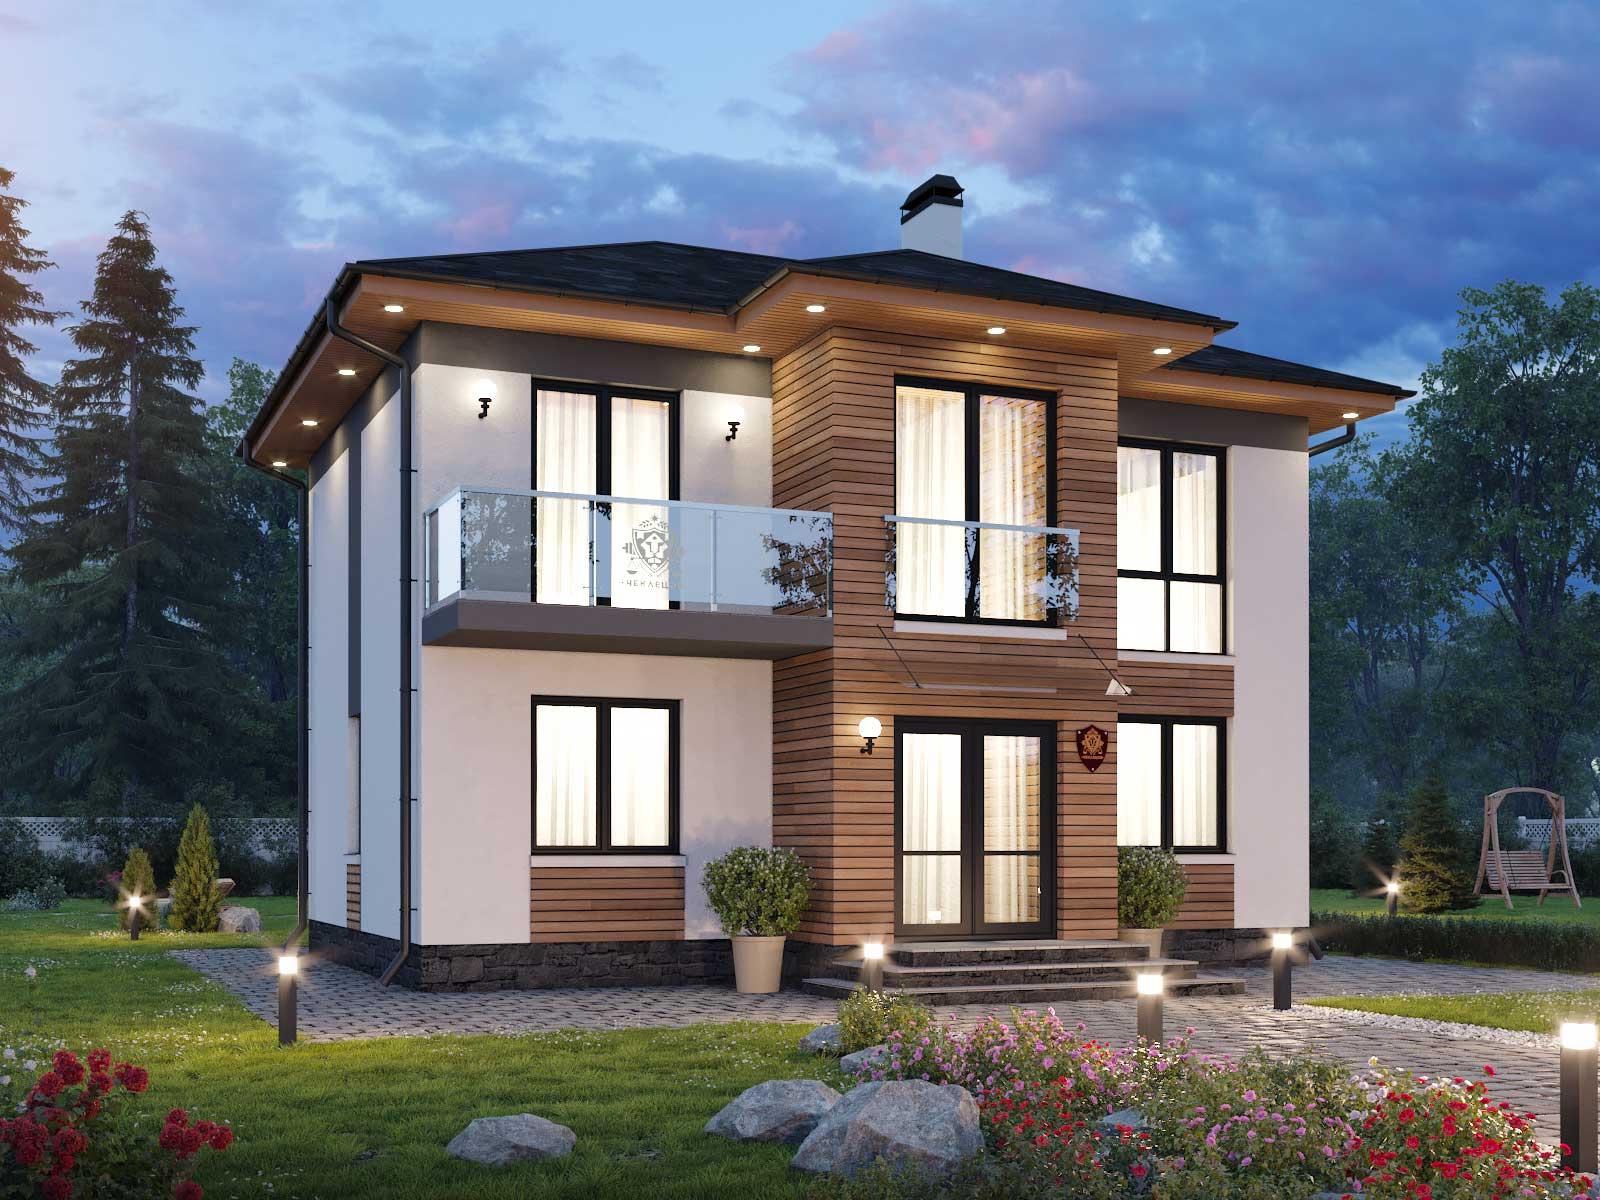 найти своё картинки дом красивые двухэтажные проекты огромный, глубоко